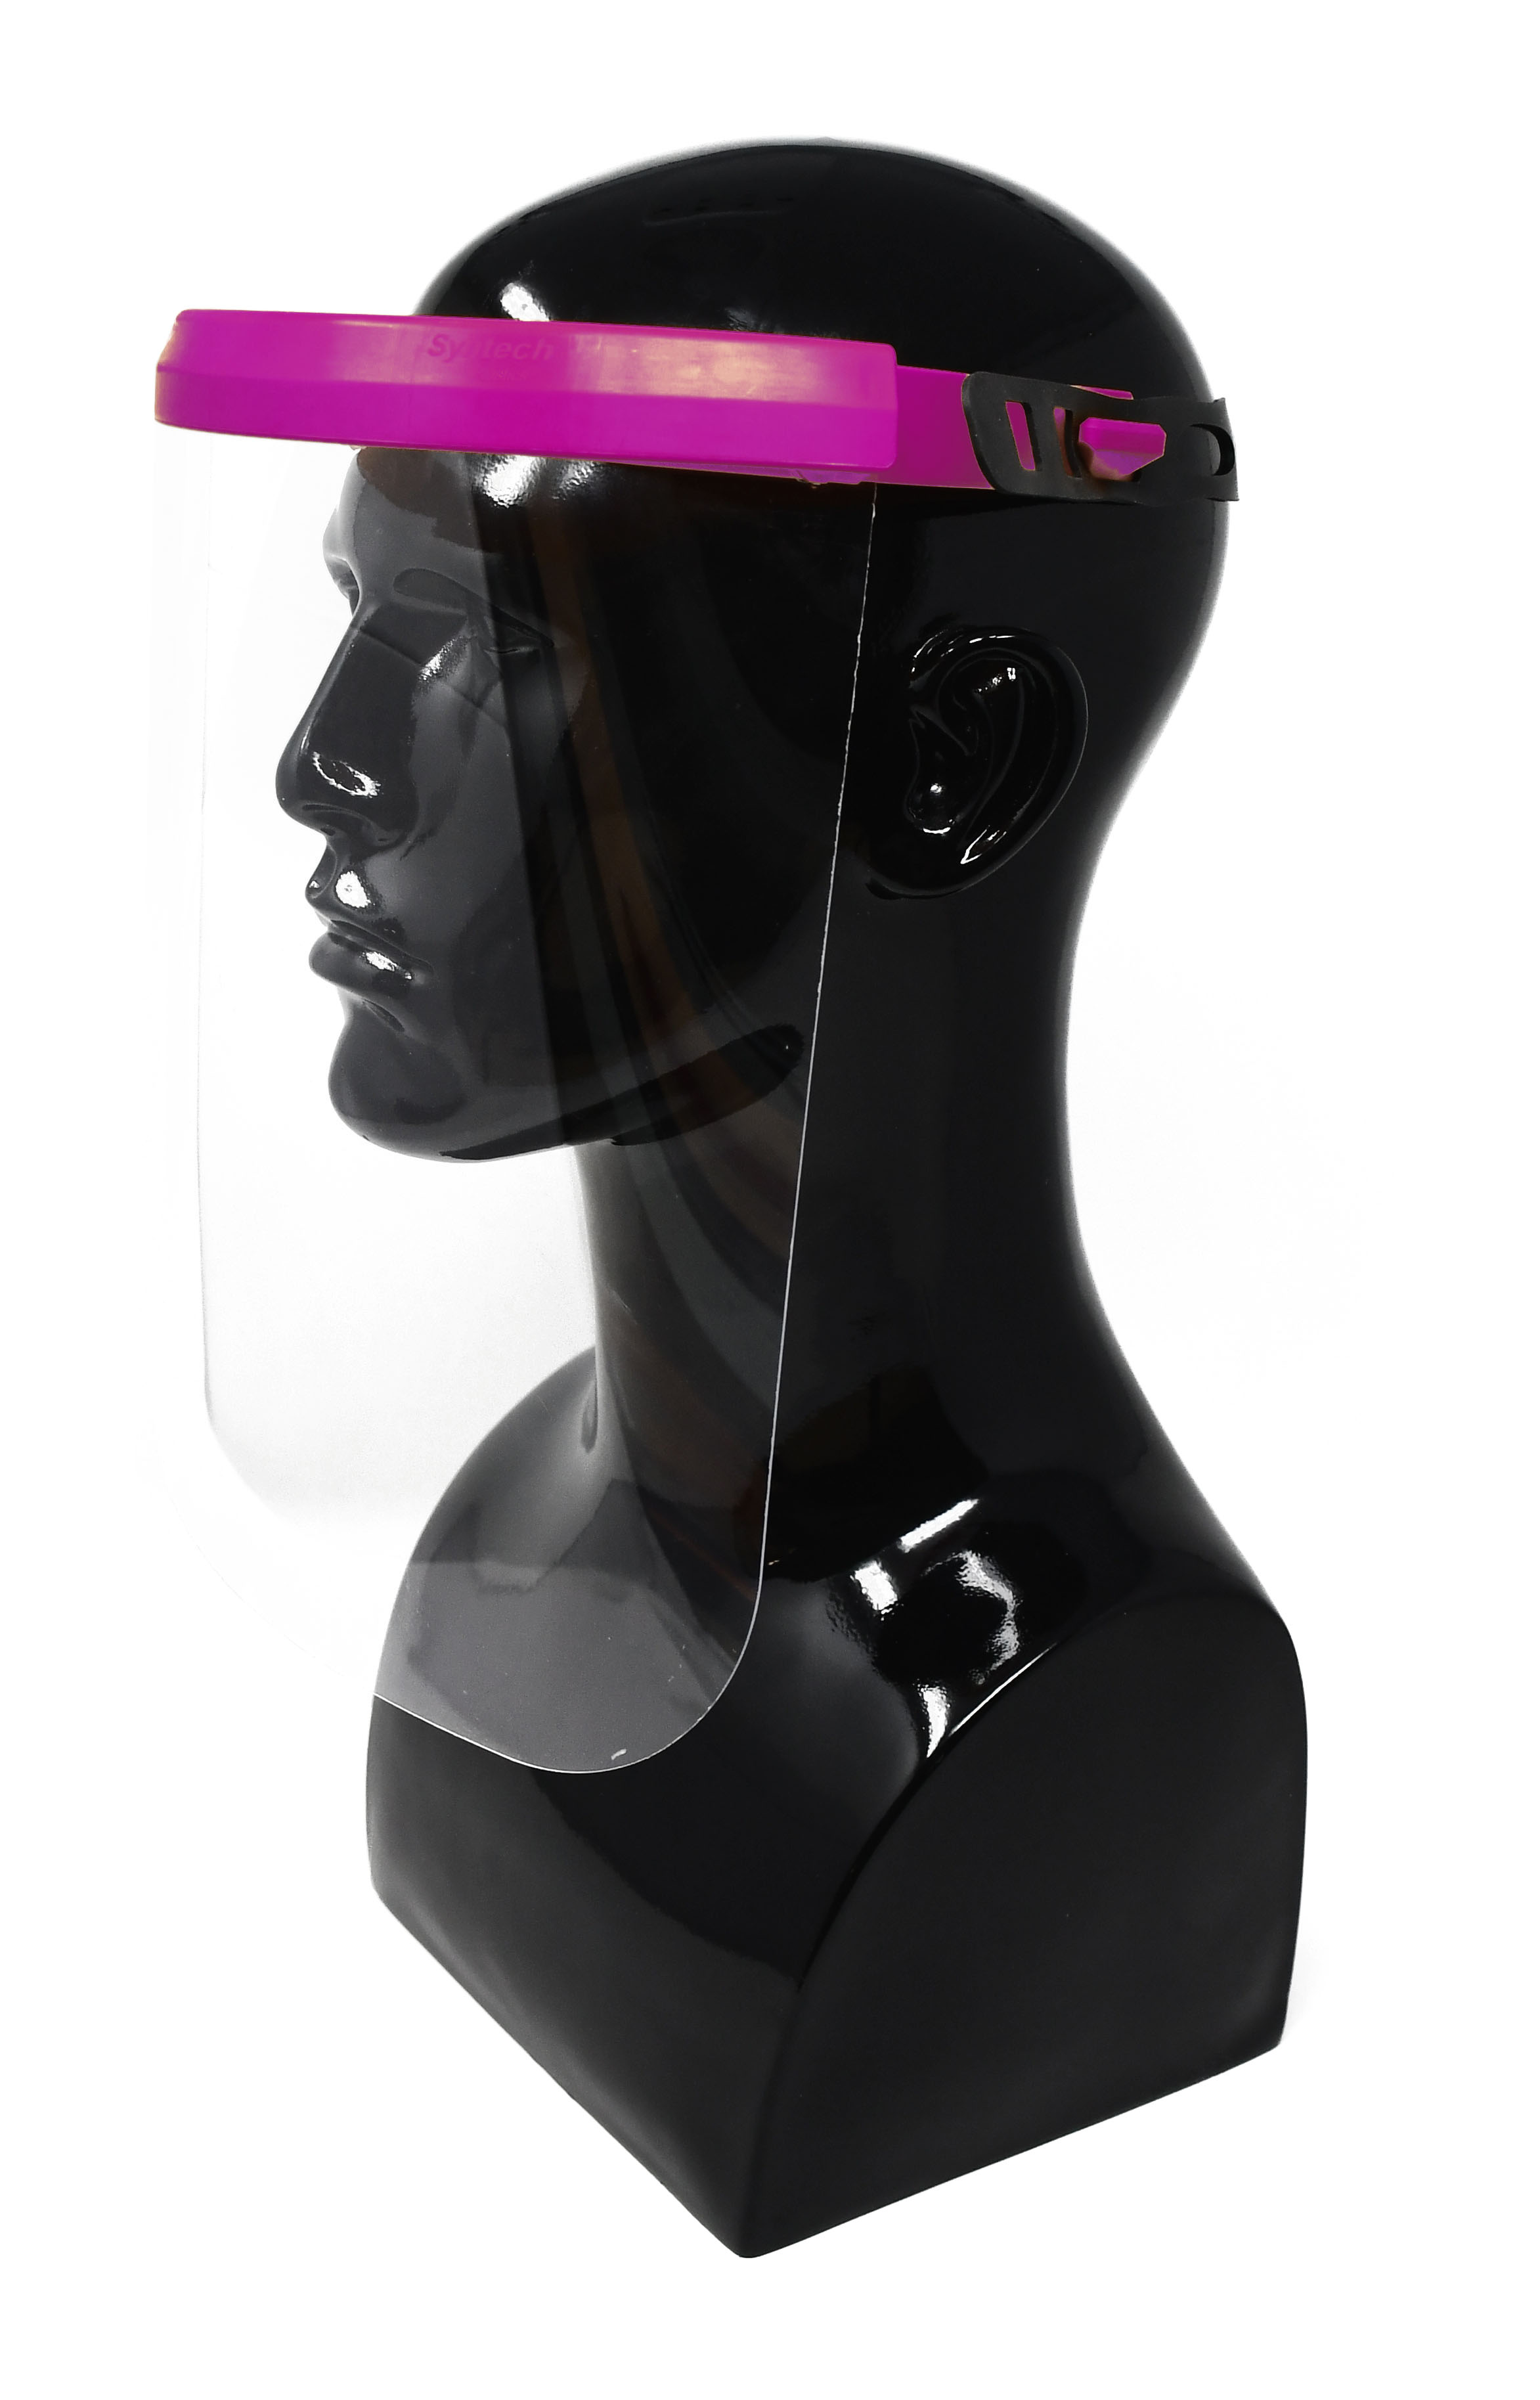 Gesichtsschutz- / Spuckschutzvisier 240mm Visier - 9 Farben